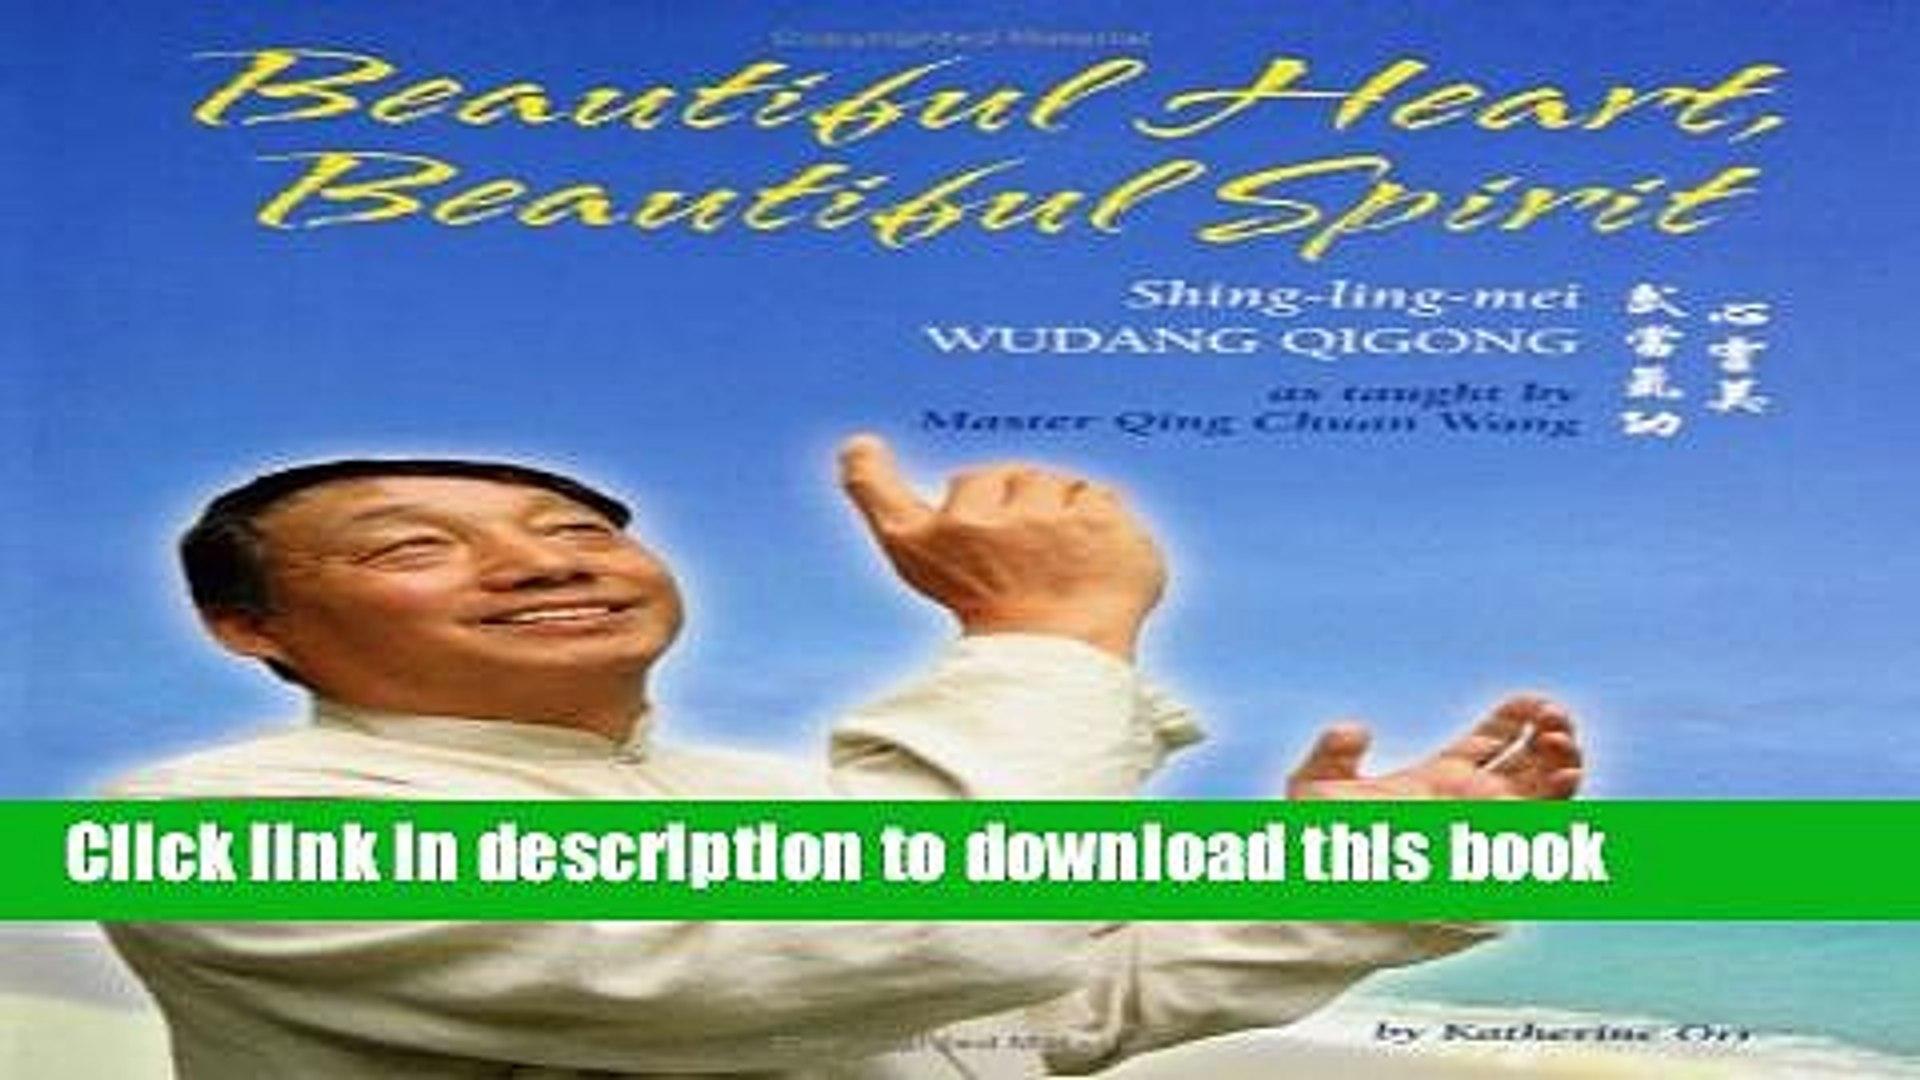 [Download] Beautiful Heart, Beautiful Spirit (Shing-Ling-Mei Wudang Qigong as Taught by Master